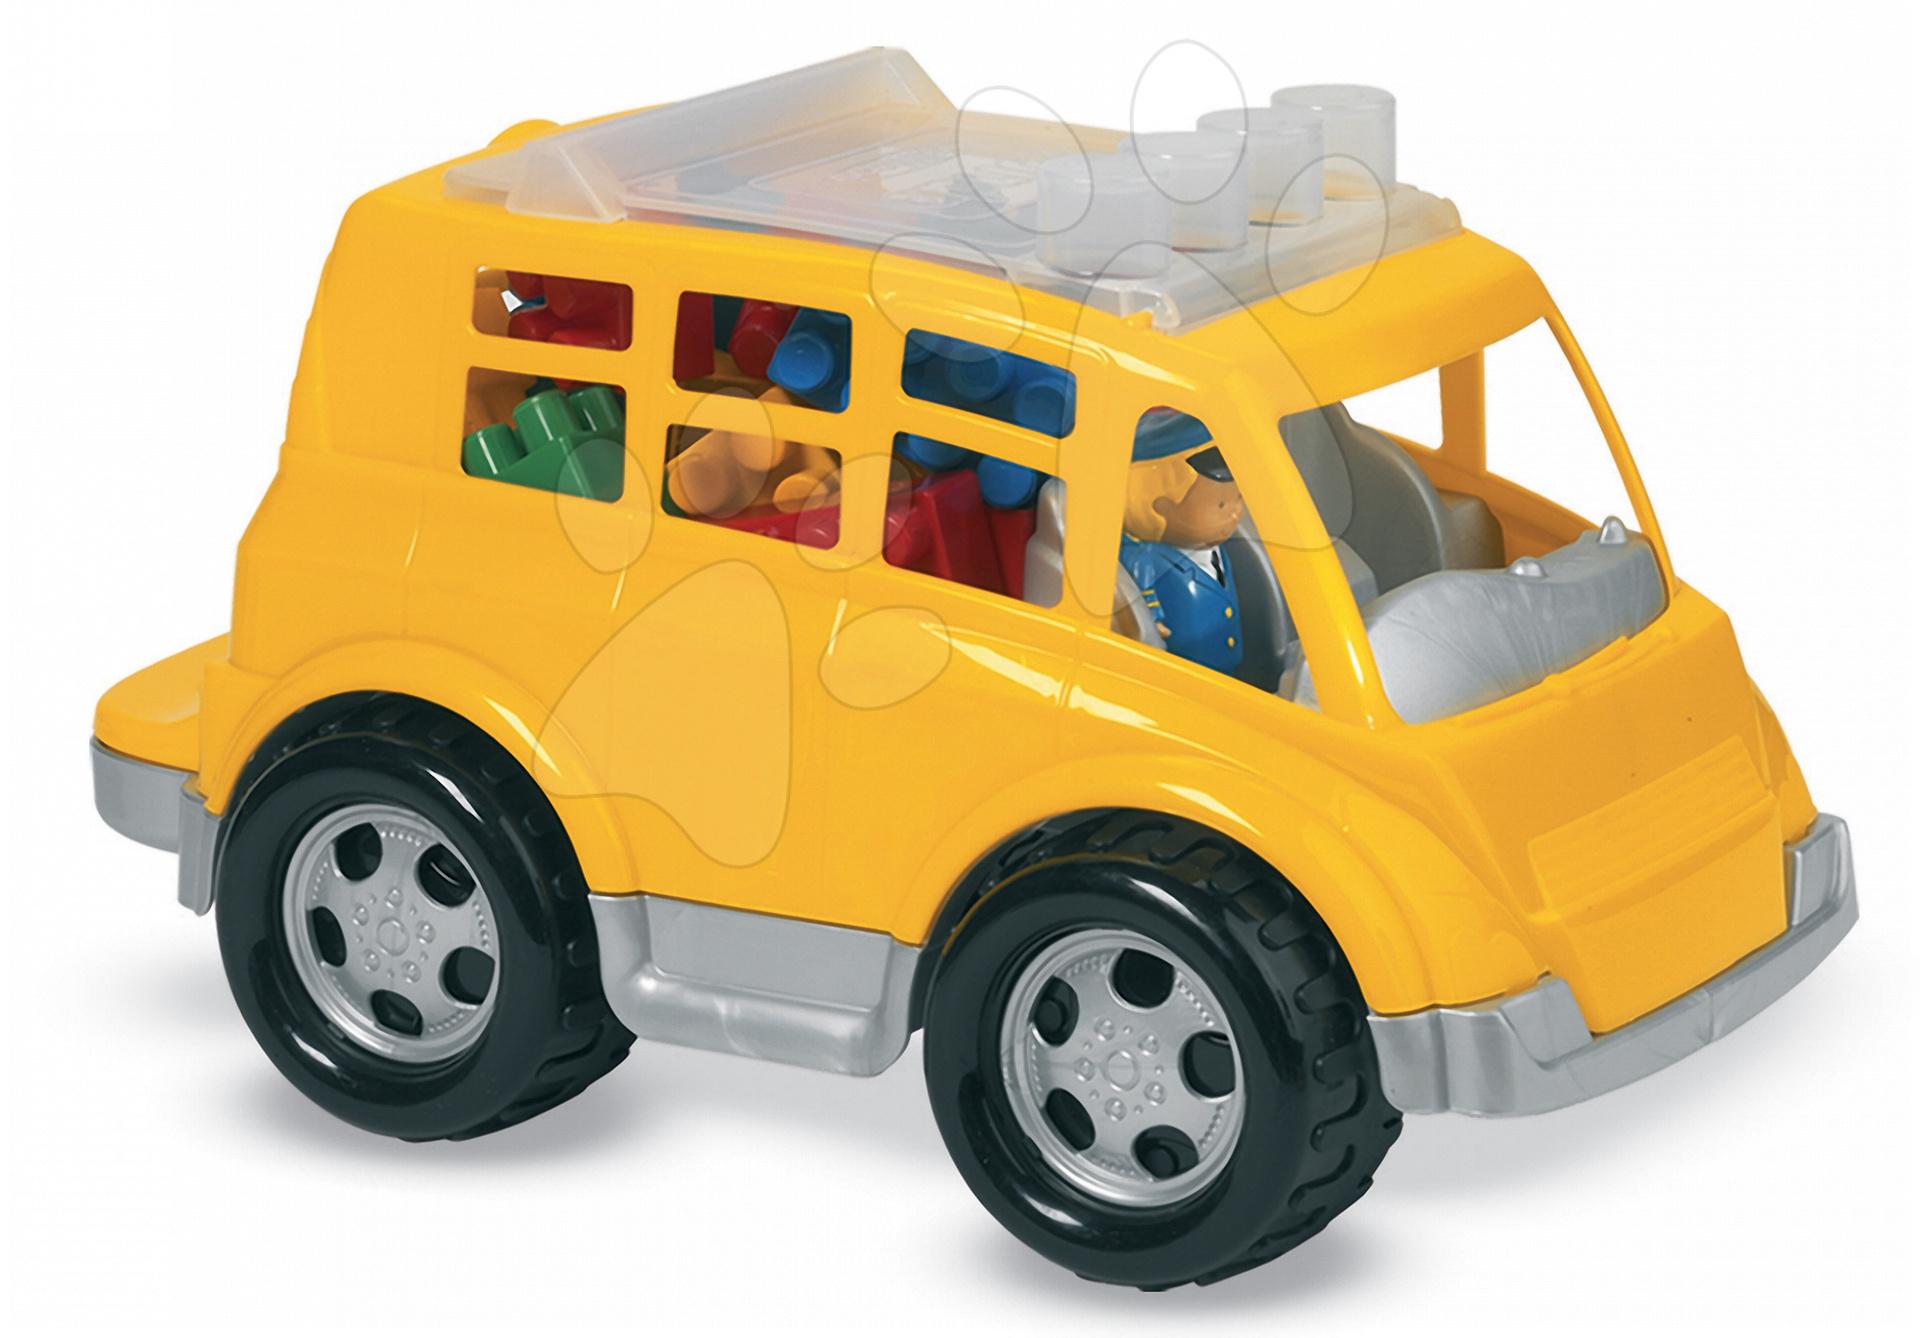 Stavebnica Abrick - kocky a autobus Écoiffier žltý od 18 mes